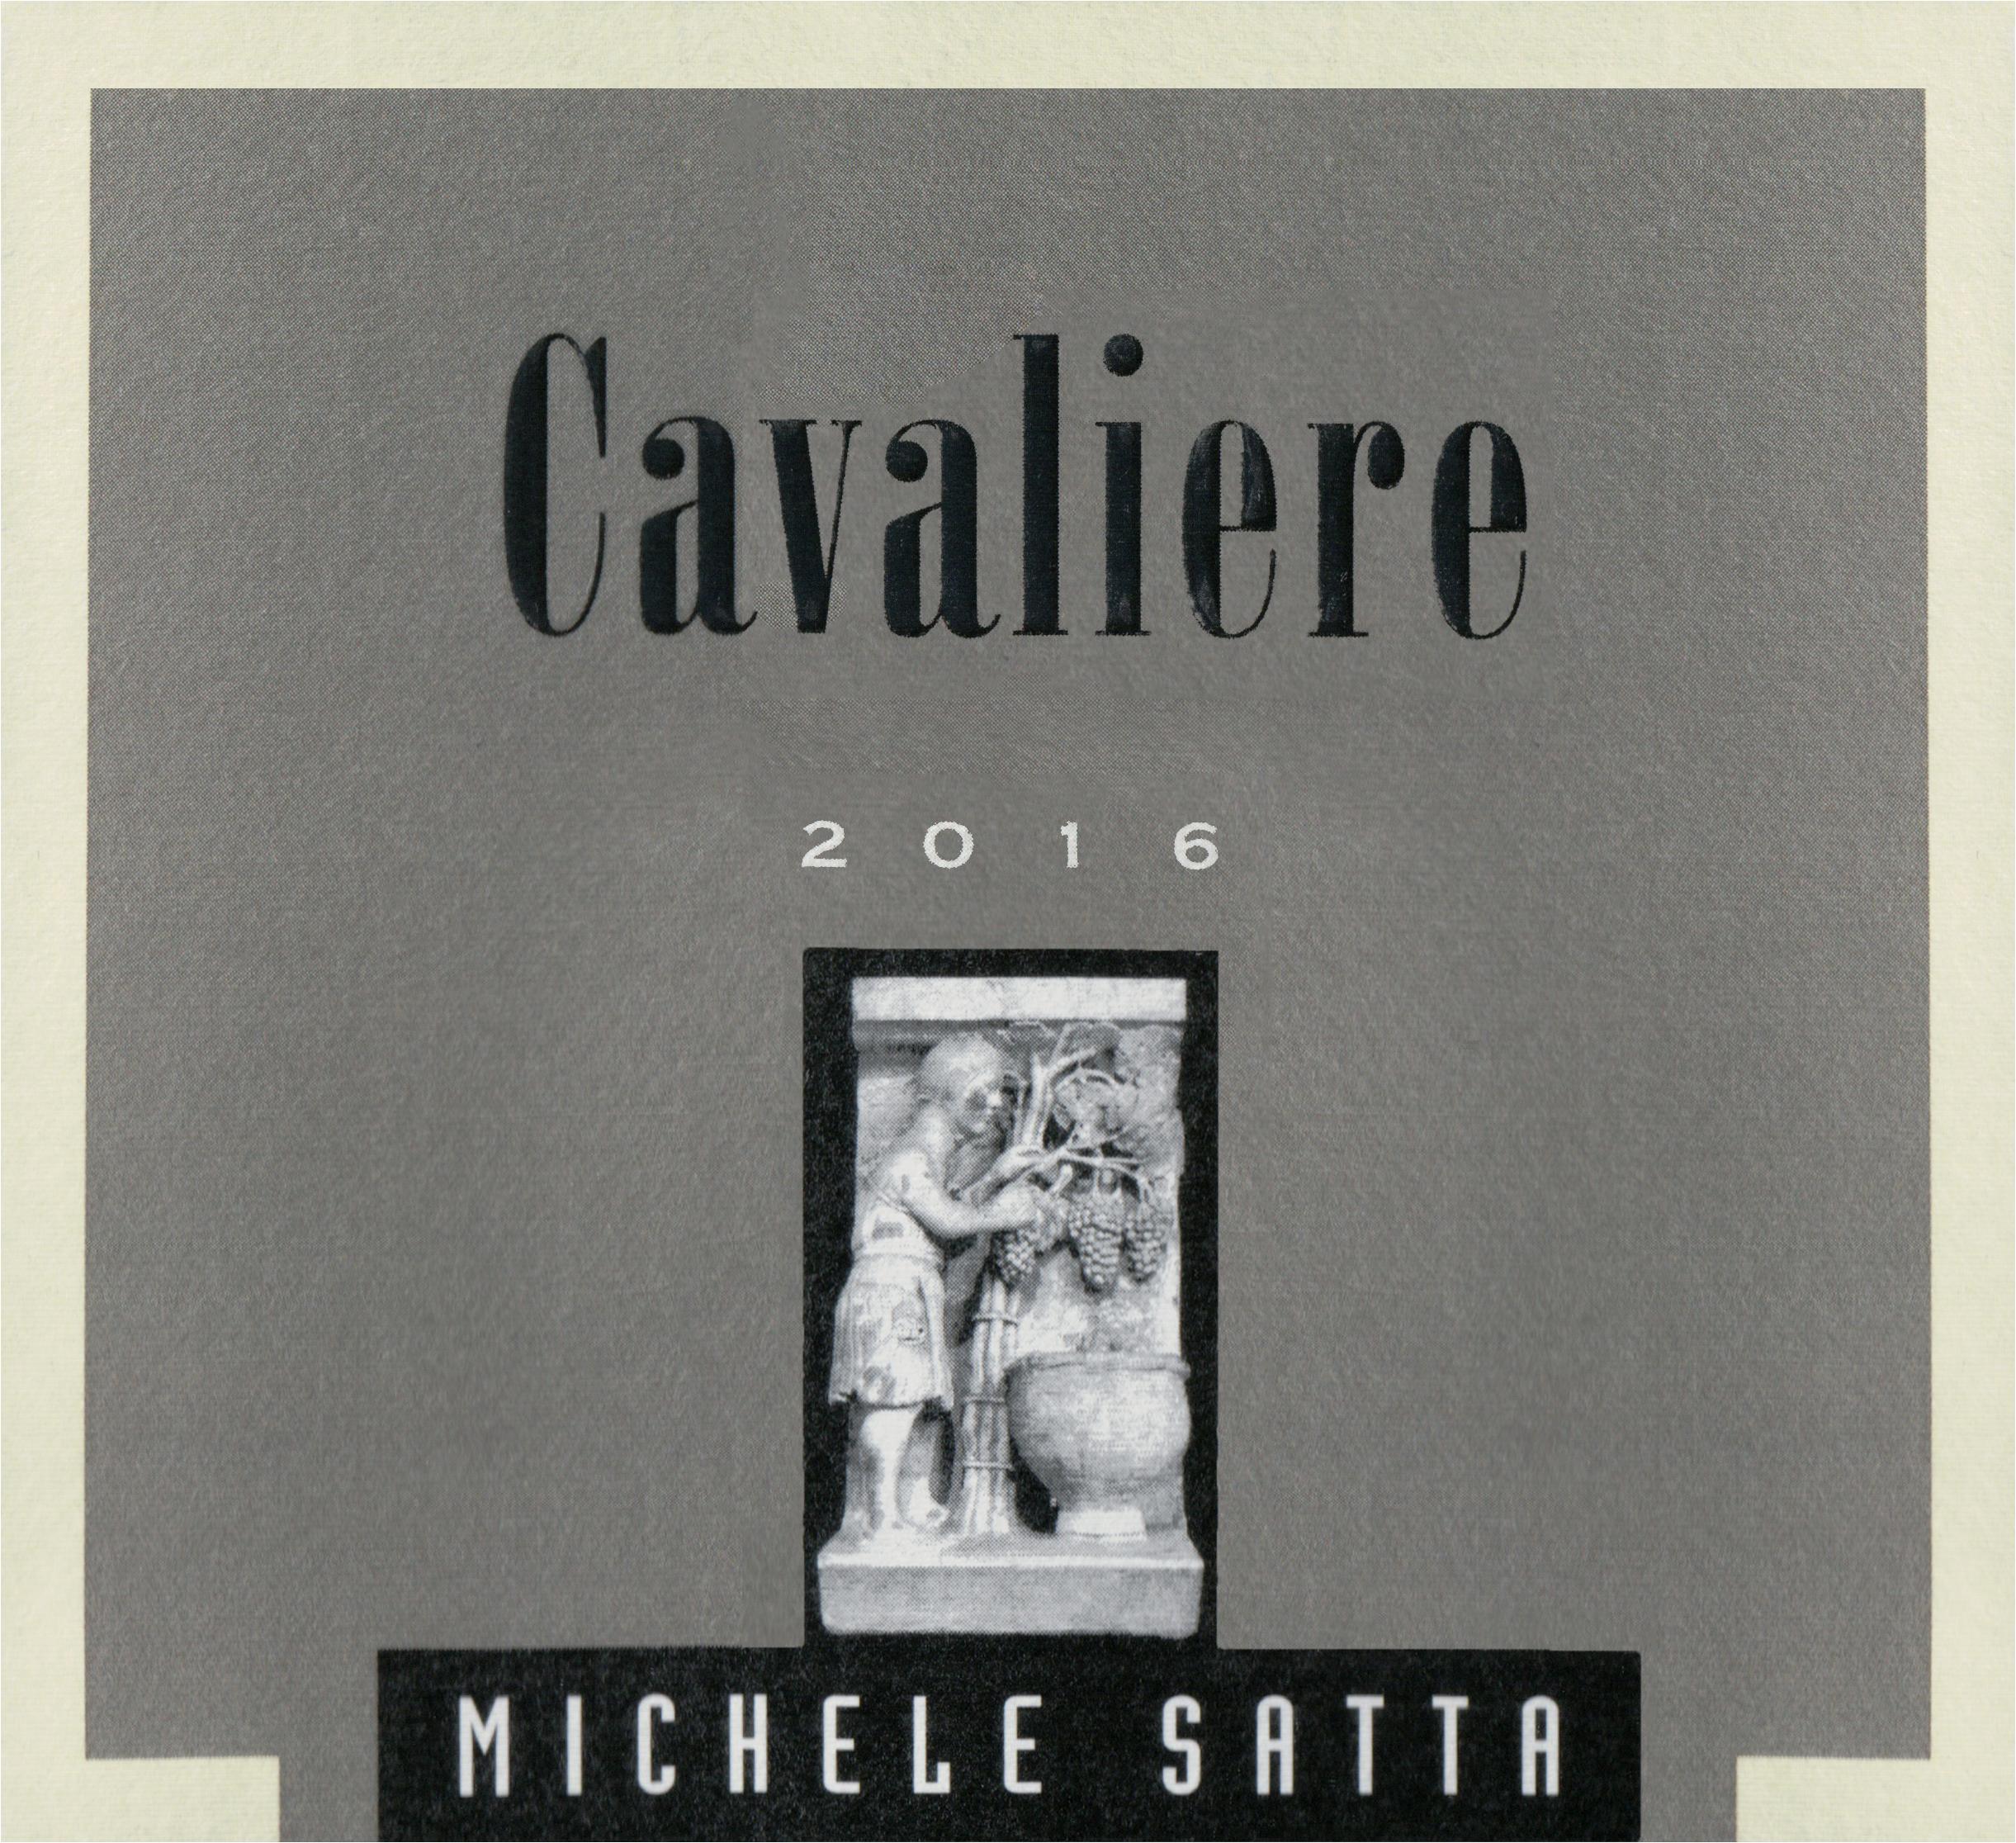 Michele Satta Cavaliere 2016